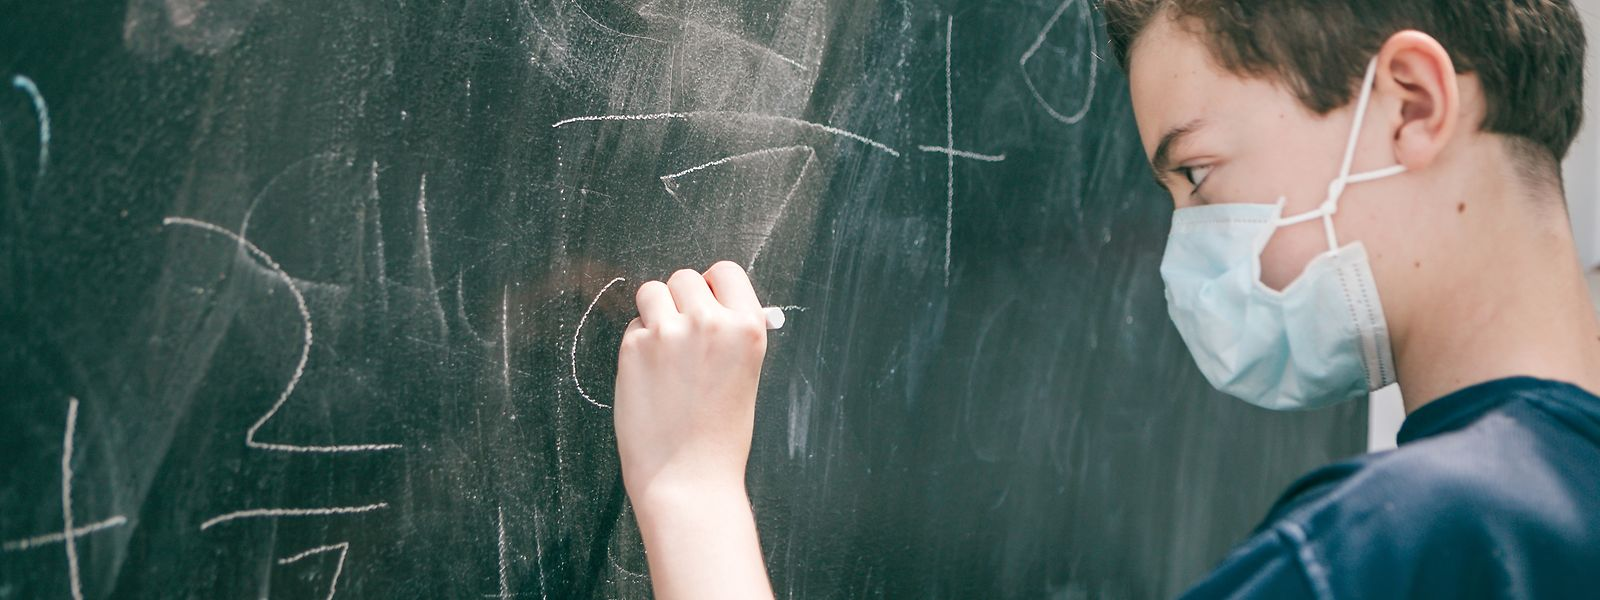 Viele Schüler haben in der Corona-Krise Lehrstoff verpasst und einen großen Bedarf an Nachhilfe.